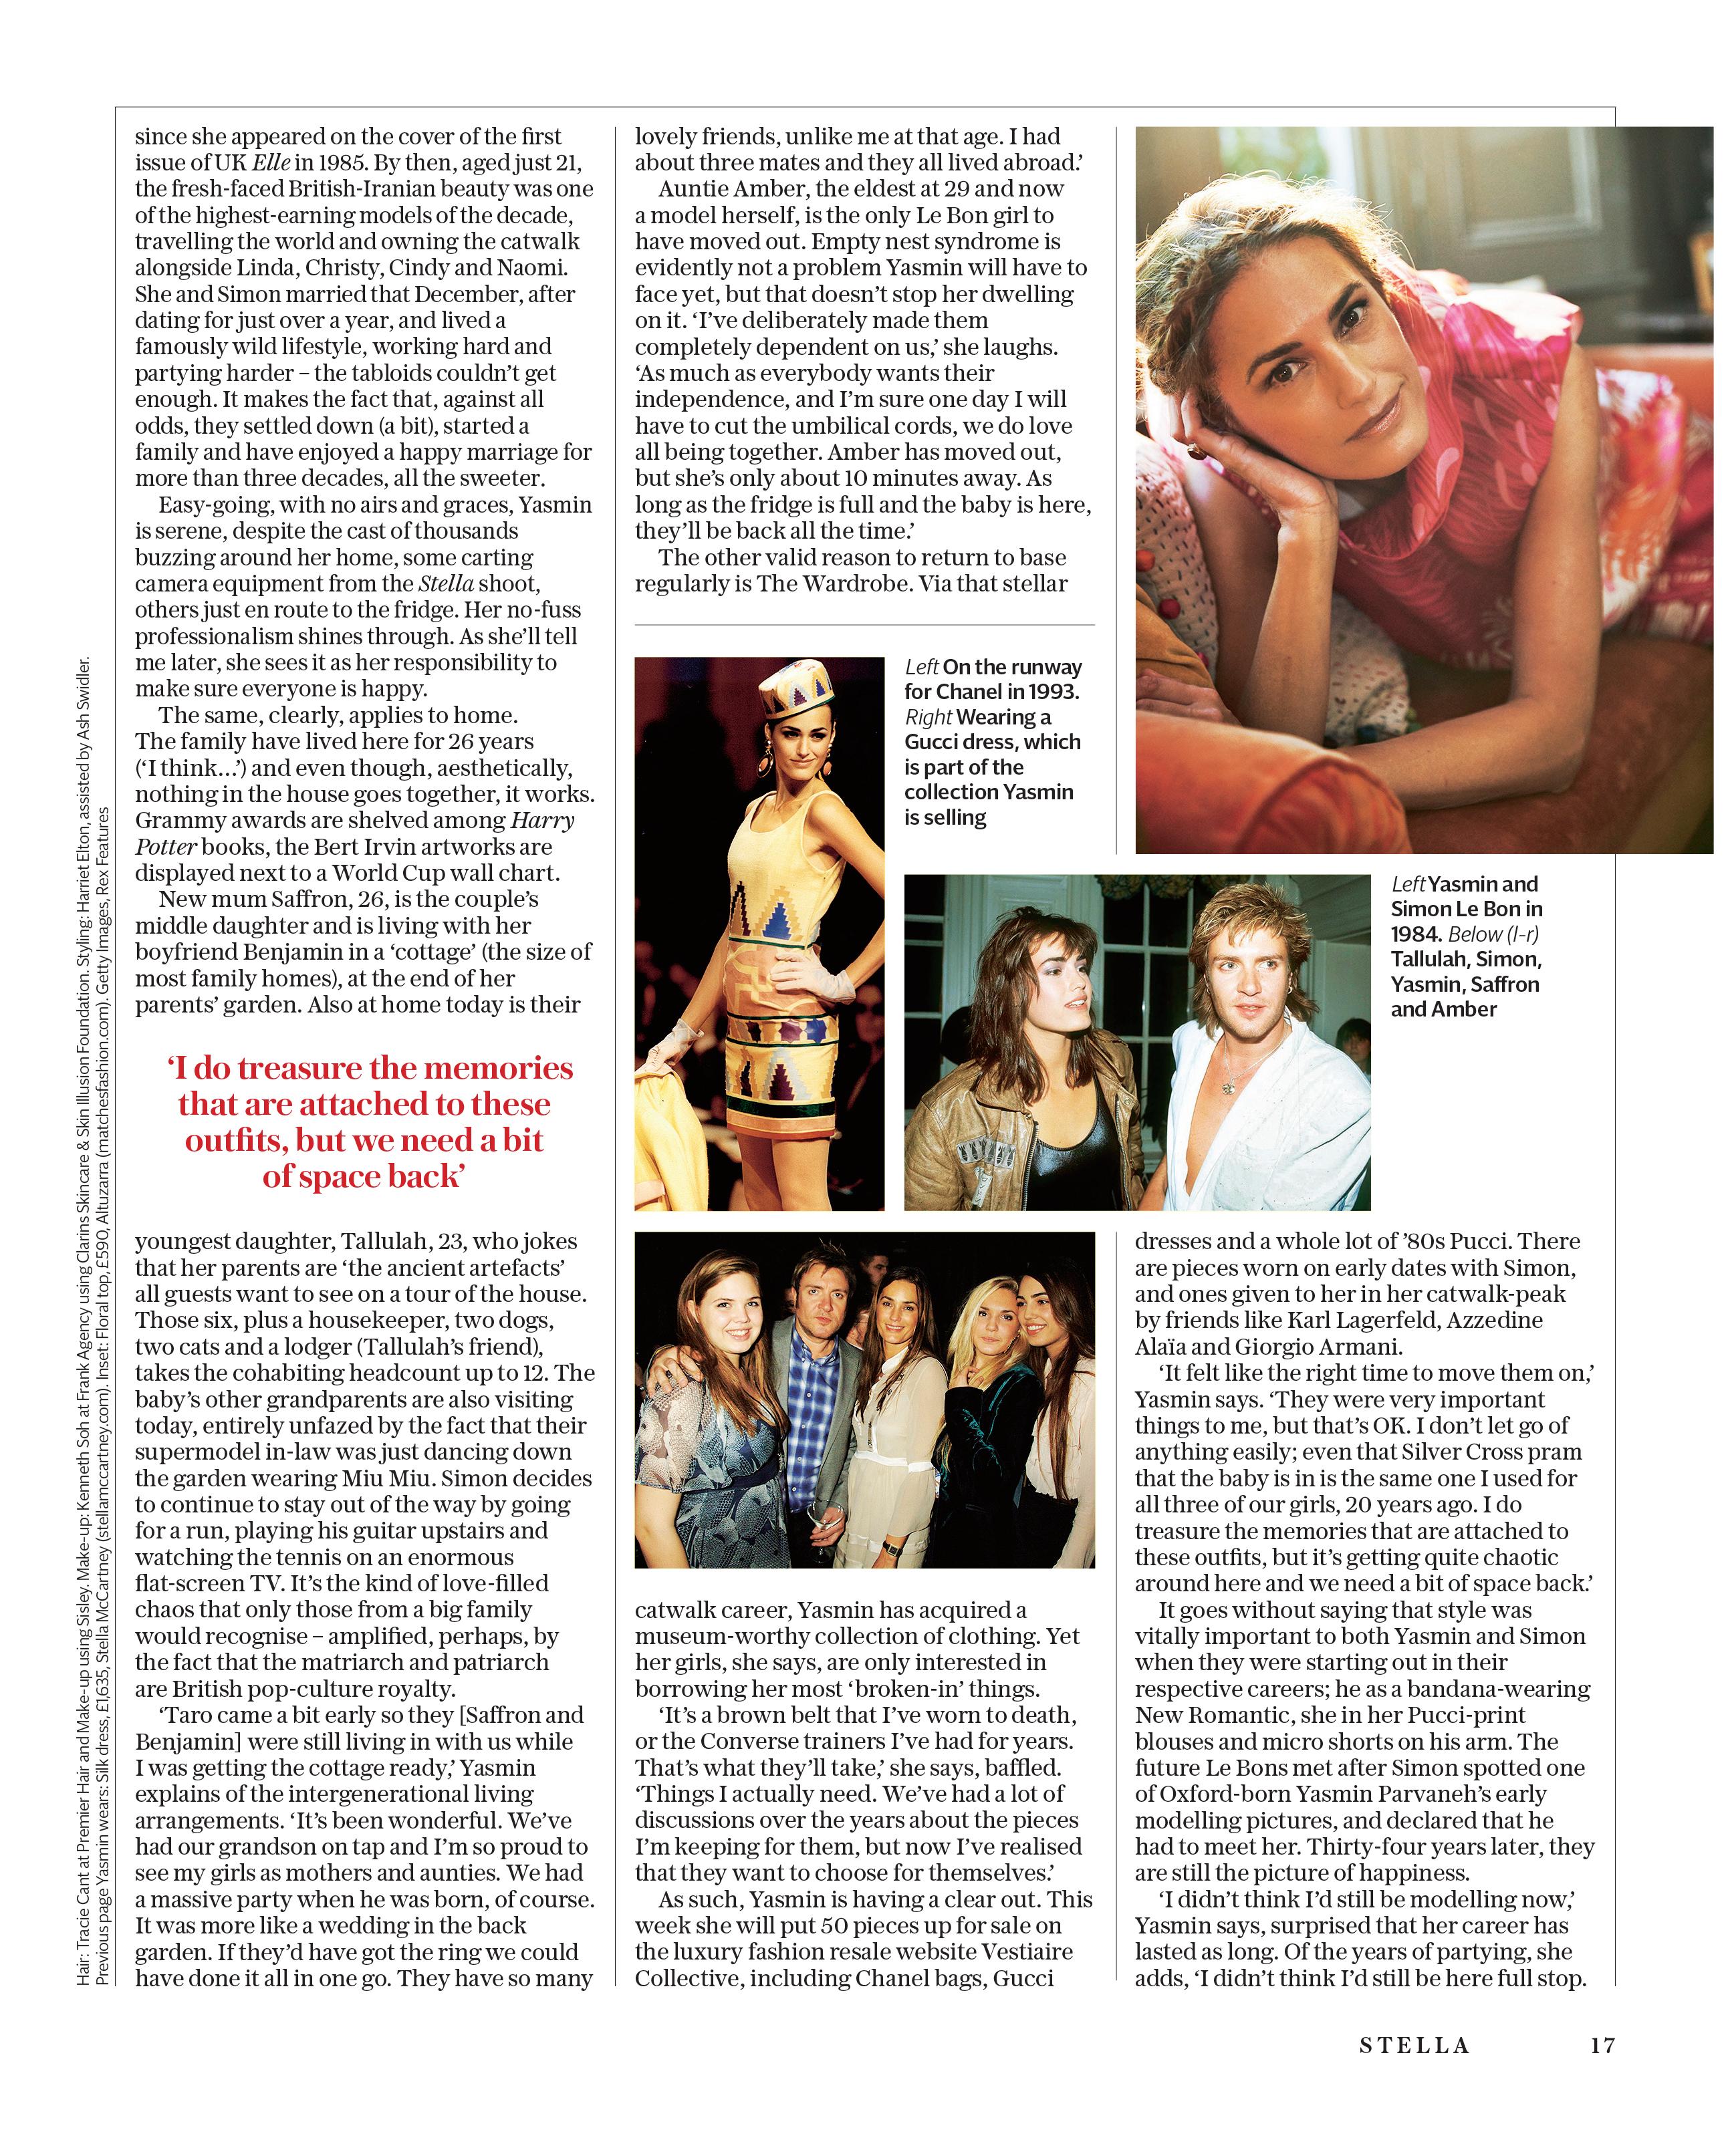 Yasmin Le Bon Sunday Telegraph Magazine_15-07-2018_Main_1st_p17